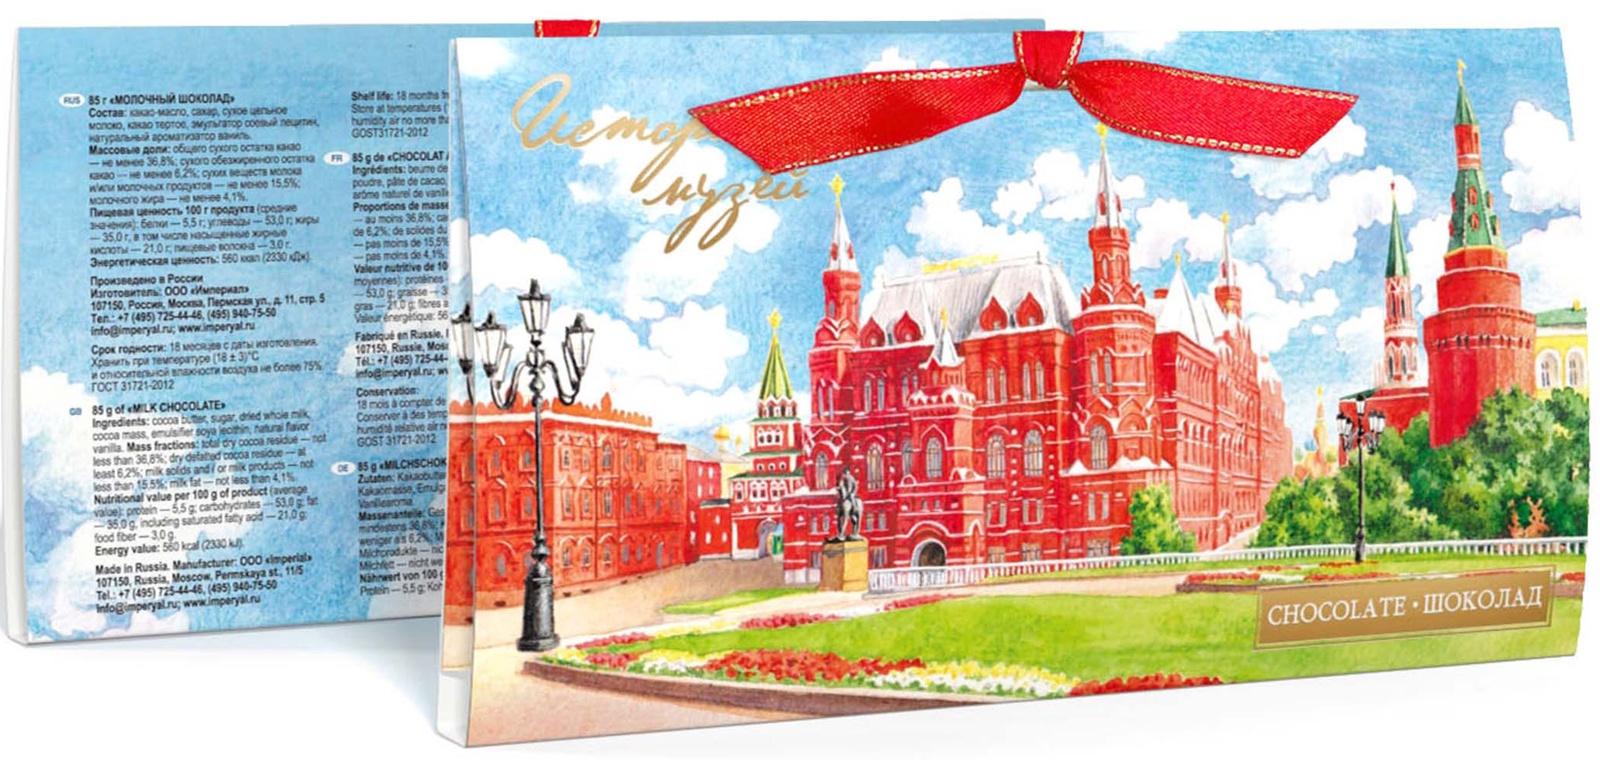 Шоколад Империал 10009035, 8510009035В основу каждого шоколадного сувенира Империал положена идея одного из памятных мест, символов, памятников или предметов искусства России. Это воплощается как в самом изделии (его форме, цветовом решении), так и в упаковке (оформление, конструкция) - такая продукция неизменно привлекает тонких ценителей с хорошим вкусом.